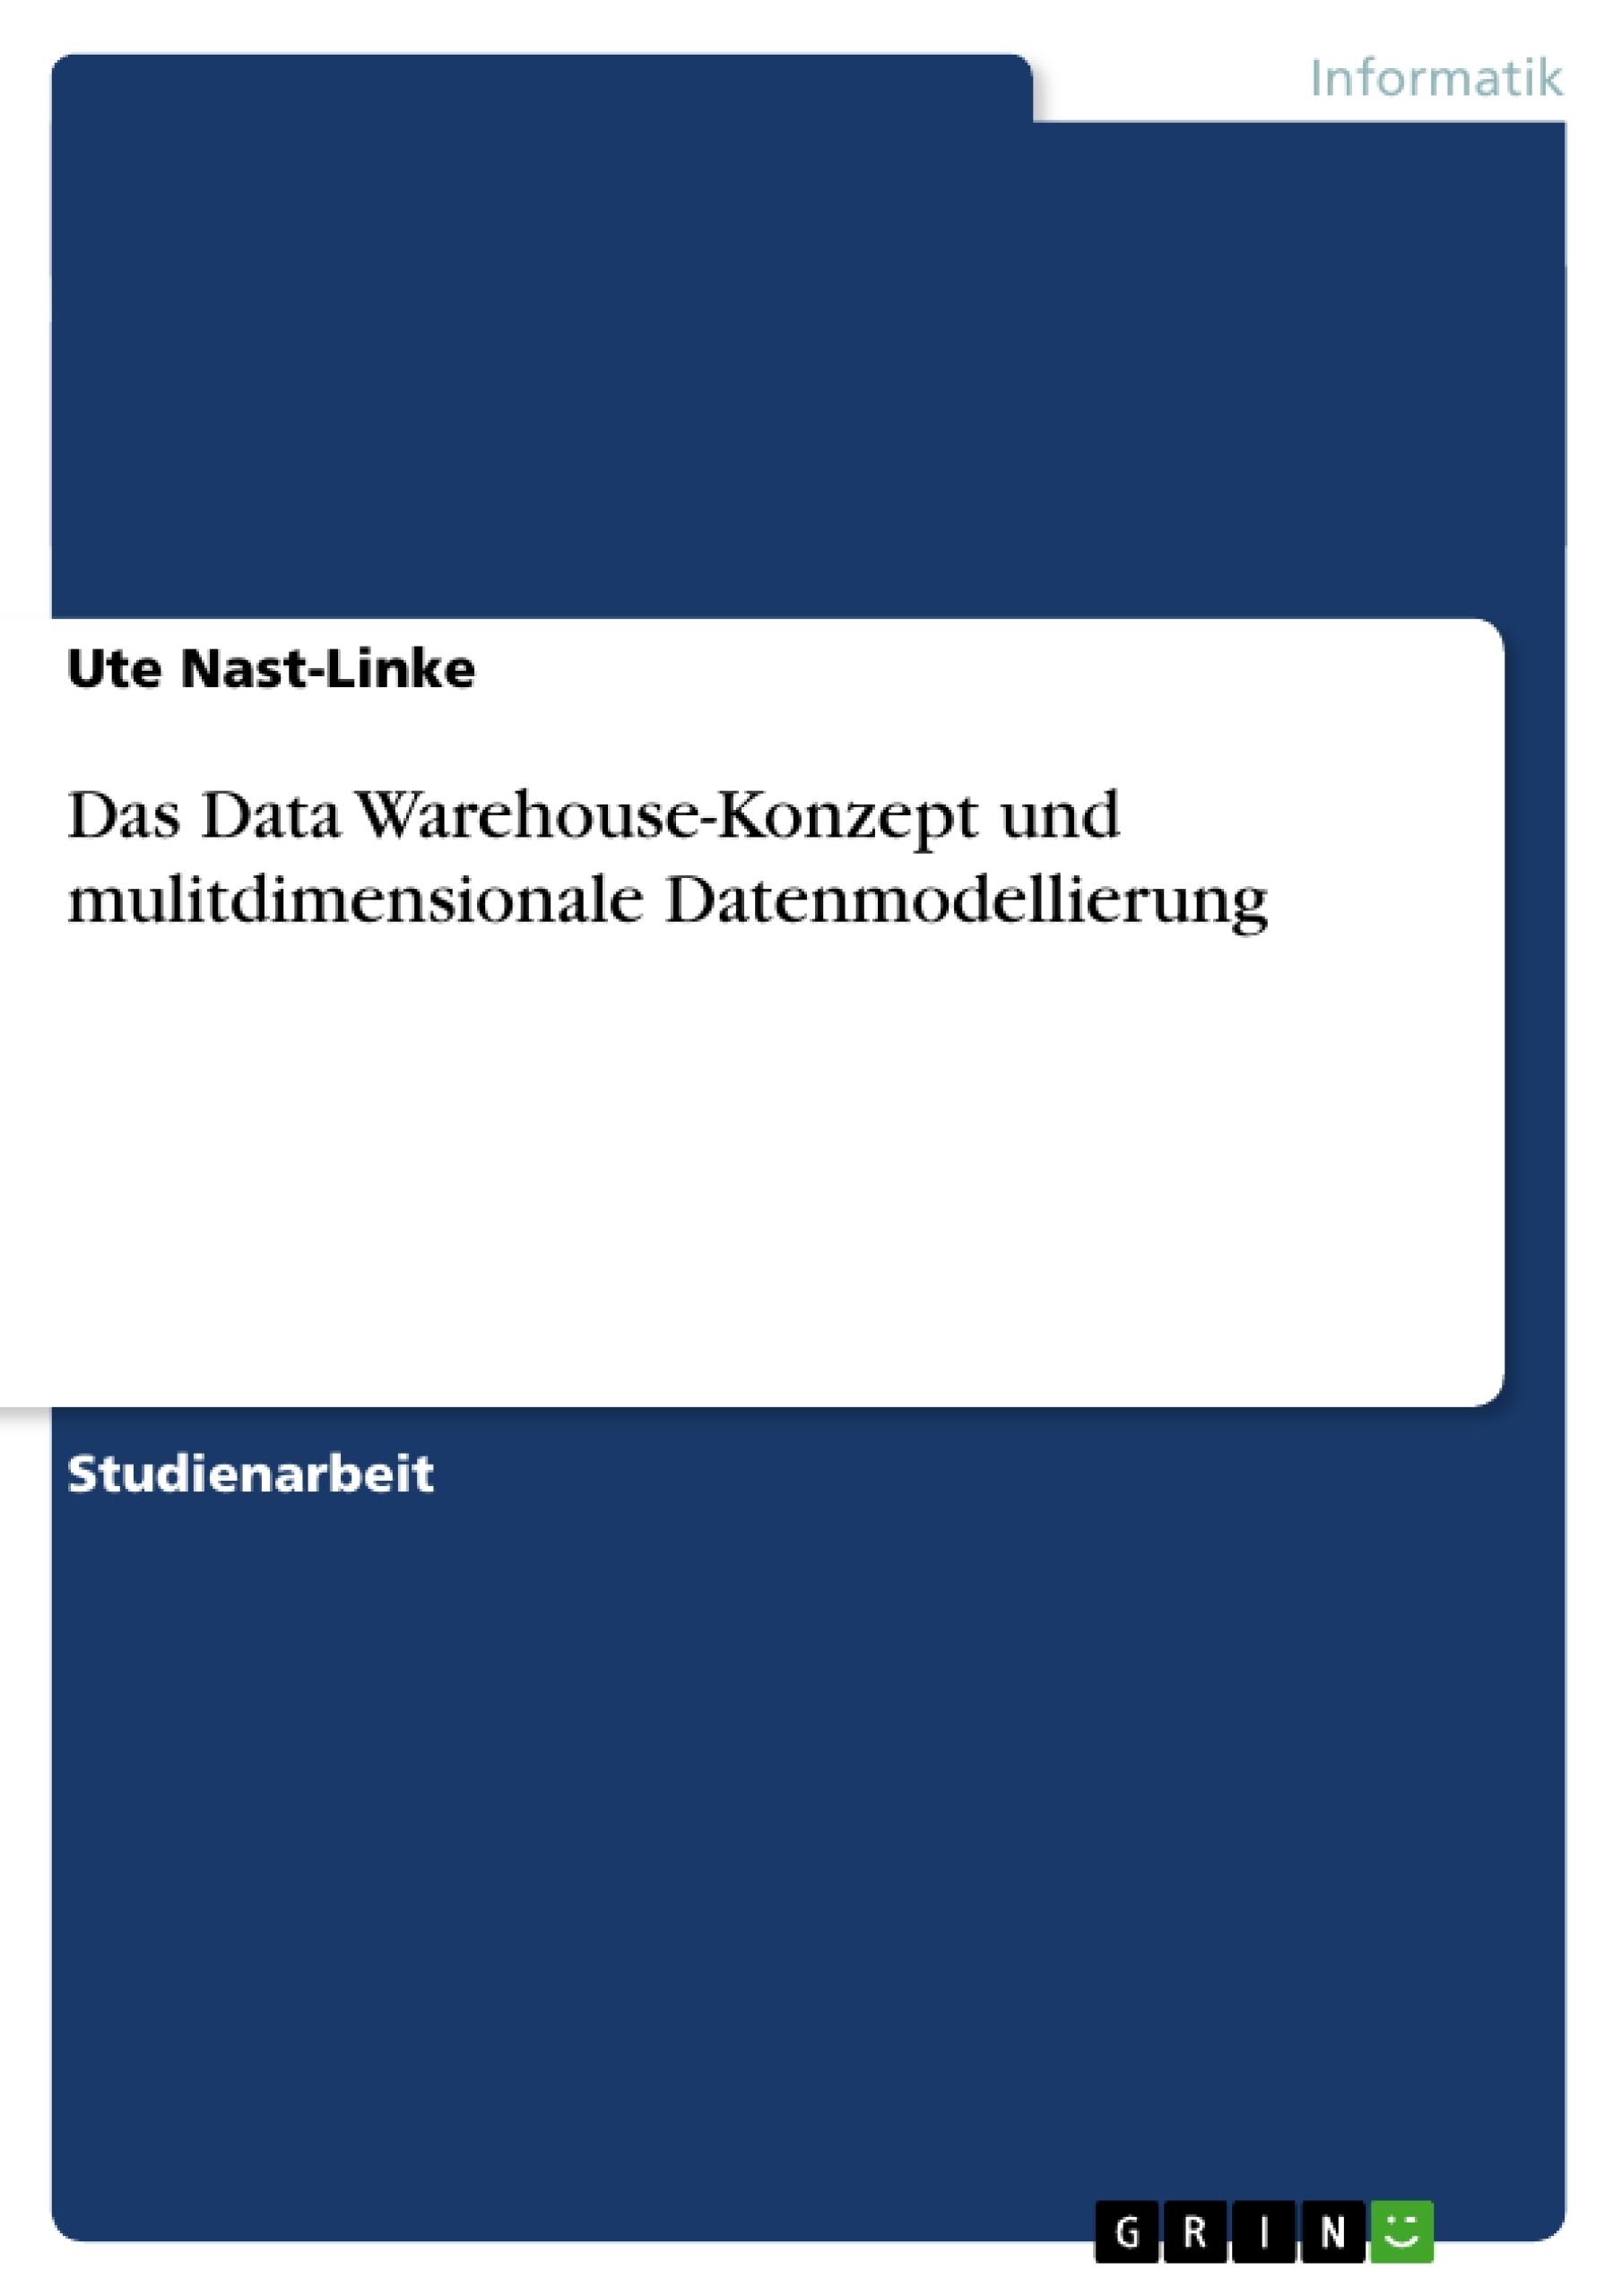 Titel: Das Data Warehouse-Konzept und mulitdimensionale Datenmodellierung